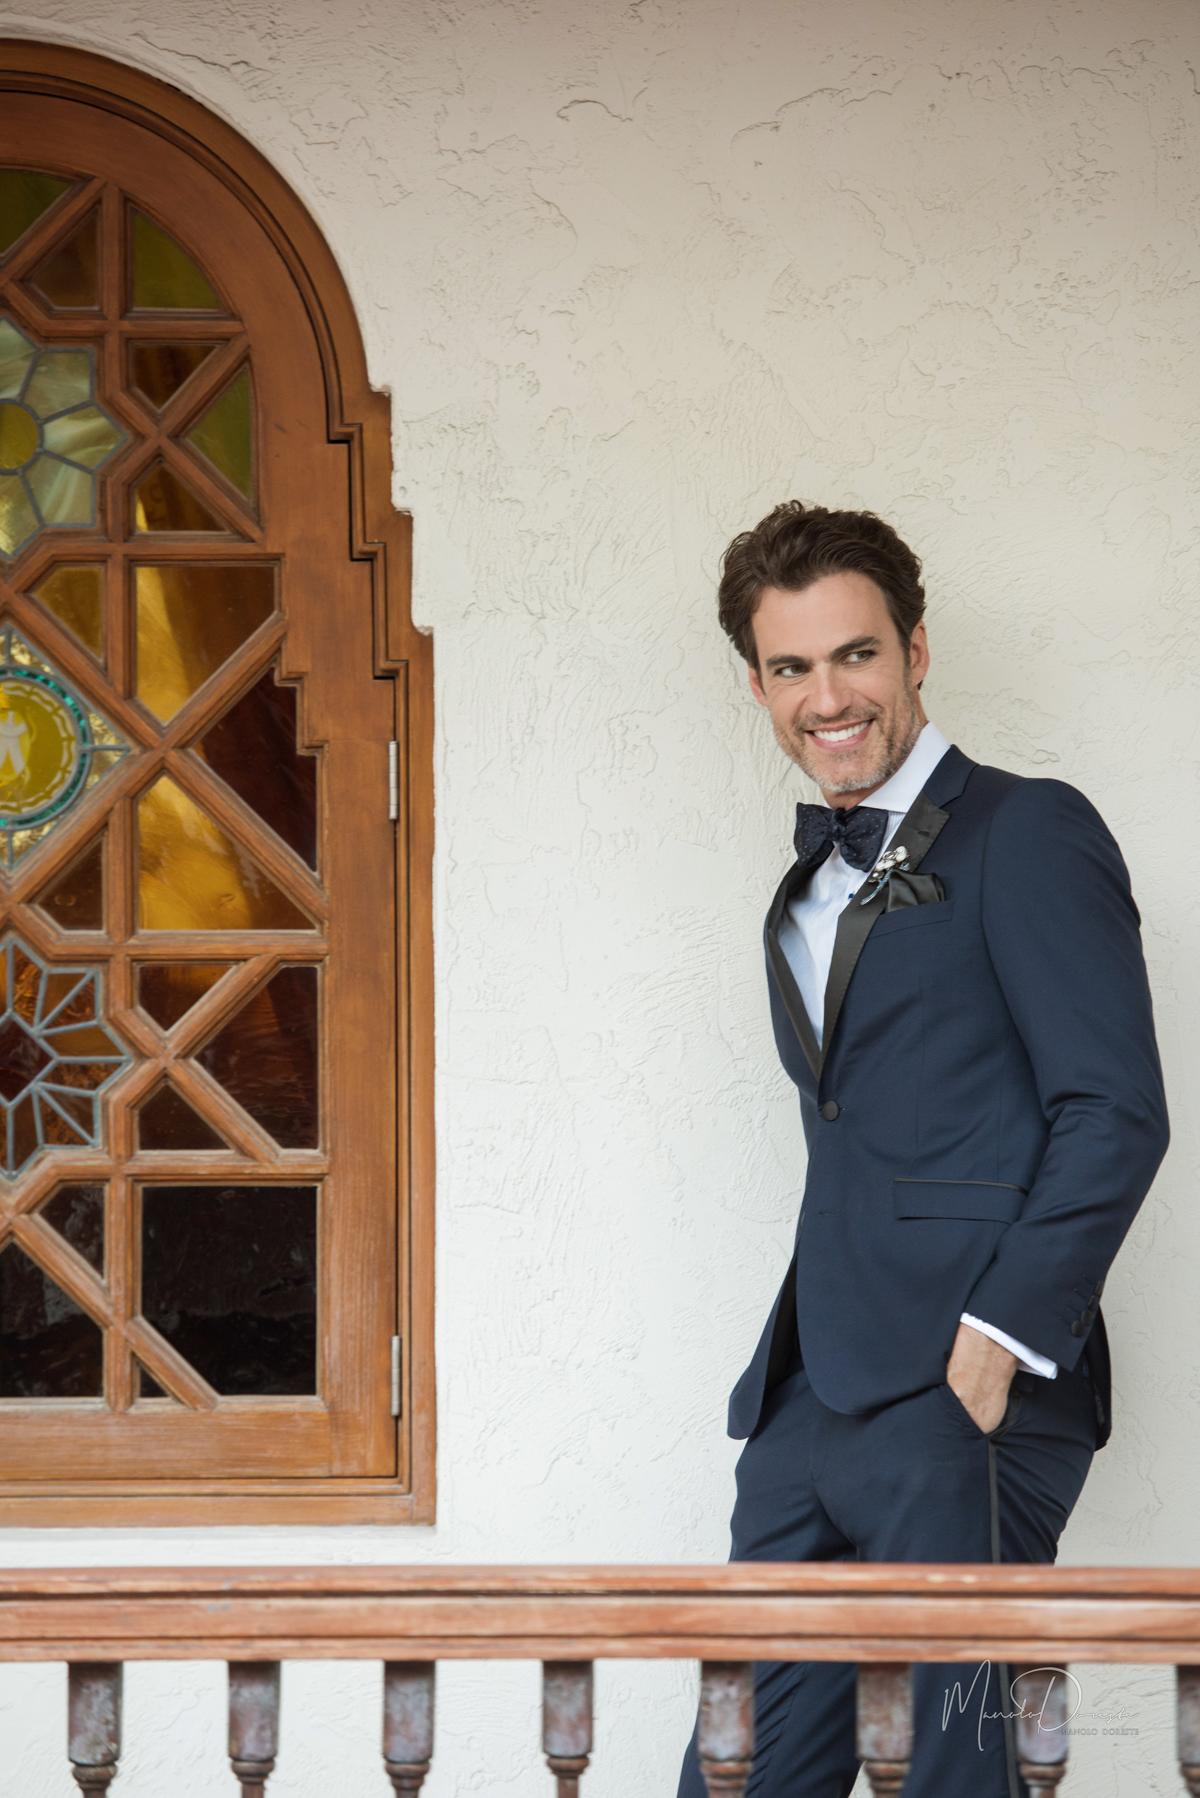 versace-mansion-wedding-manolo-doreste-8.jpg